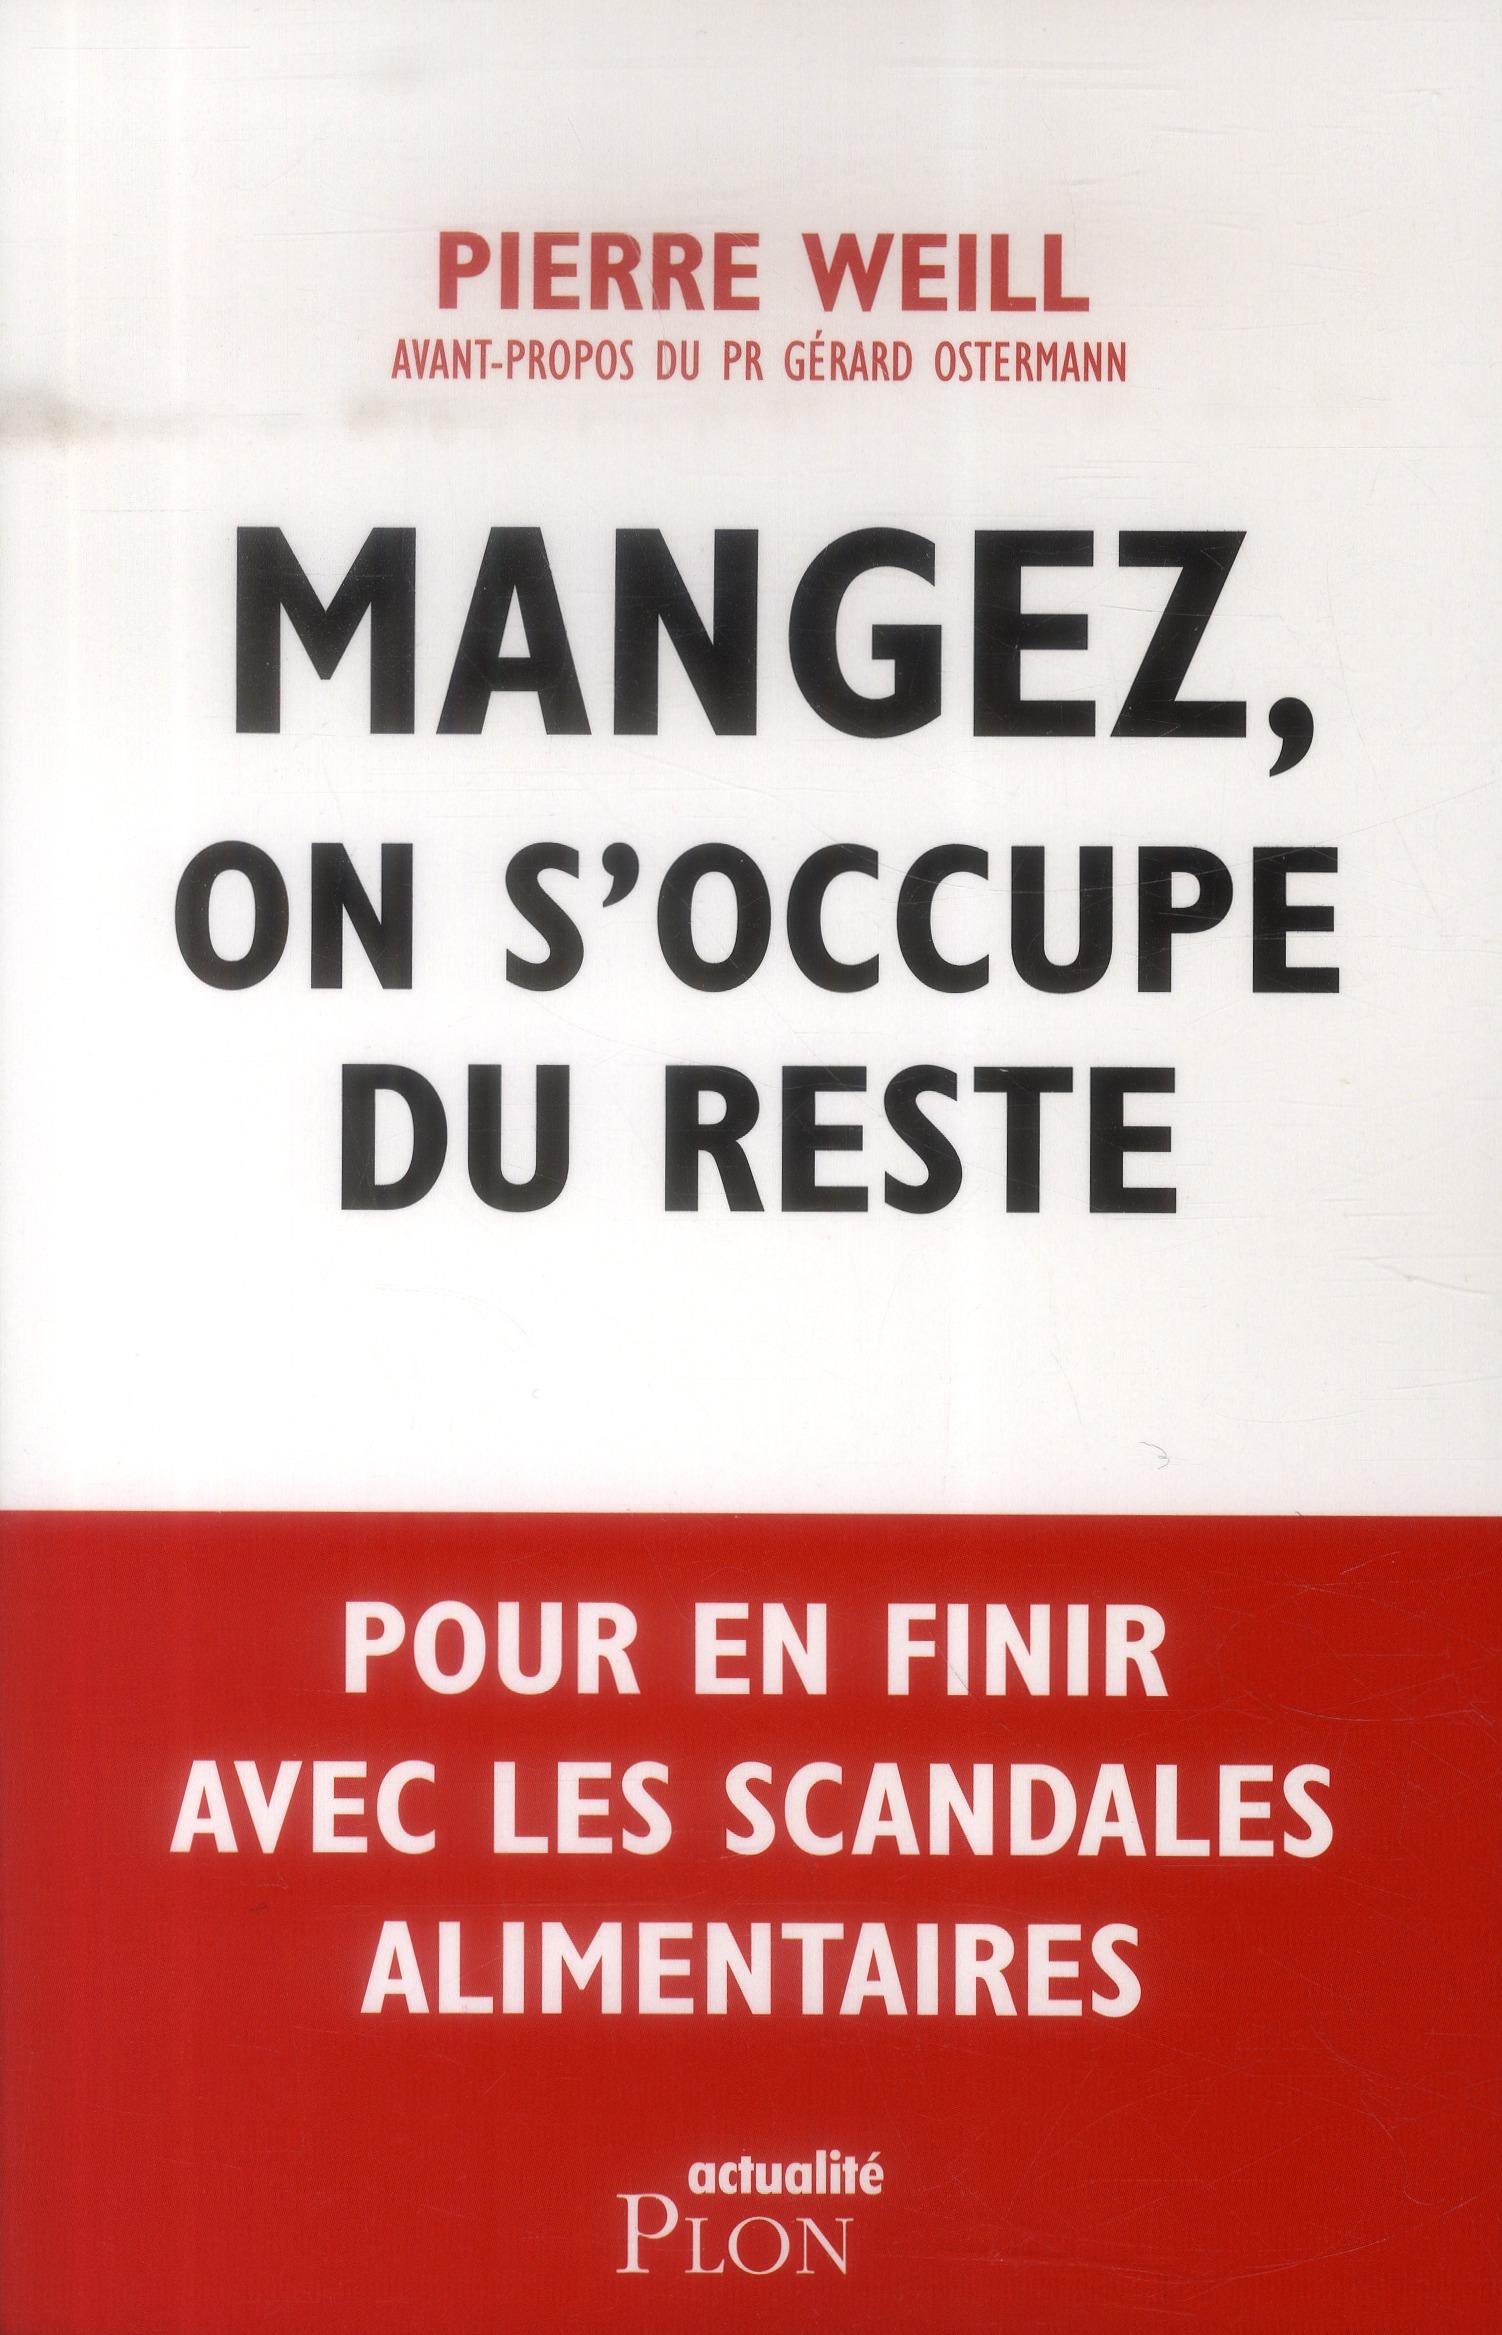 MANGEZ, ON S'OCCUPE DU RESTE